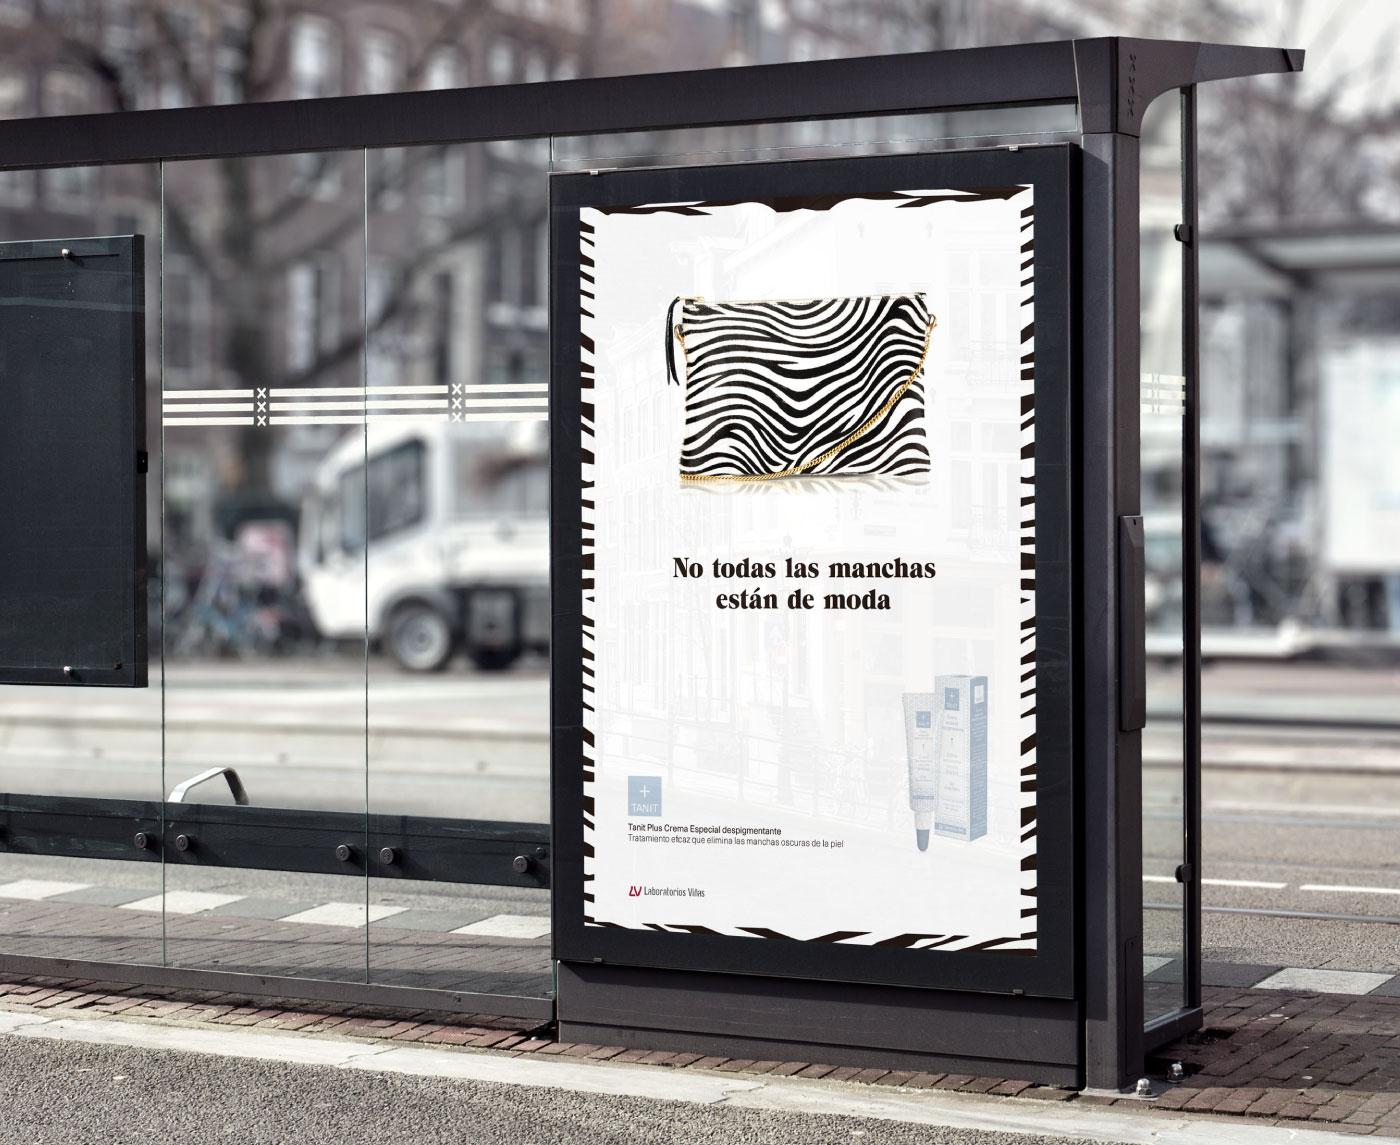 Propuesta de campaña creativa producto despigmentante de la piel